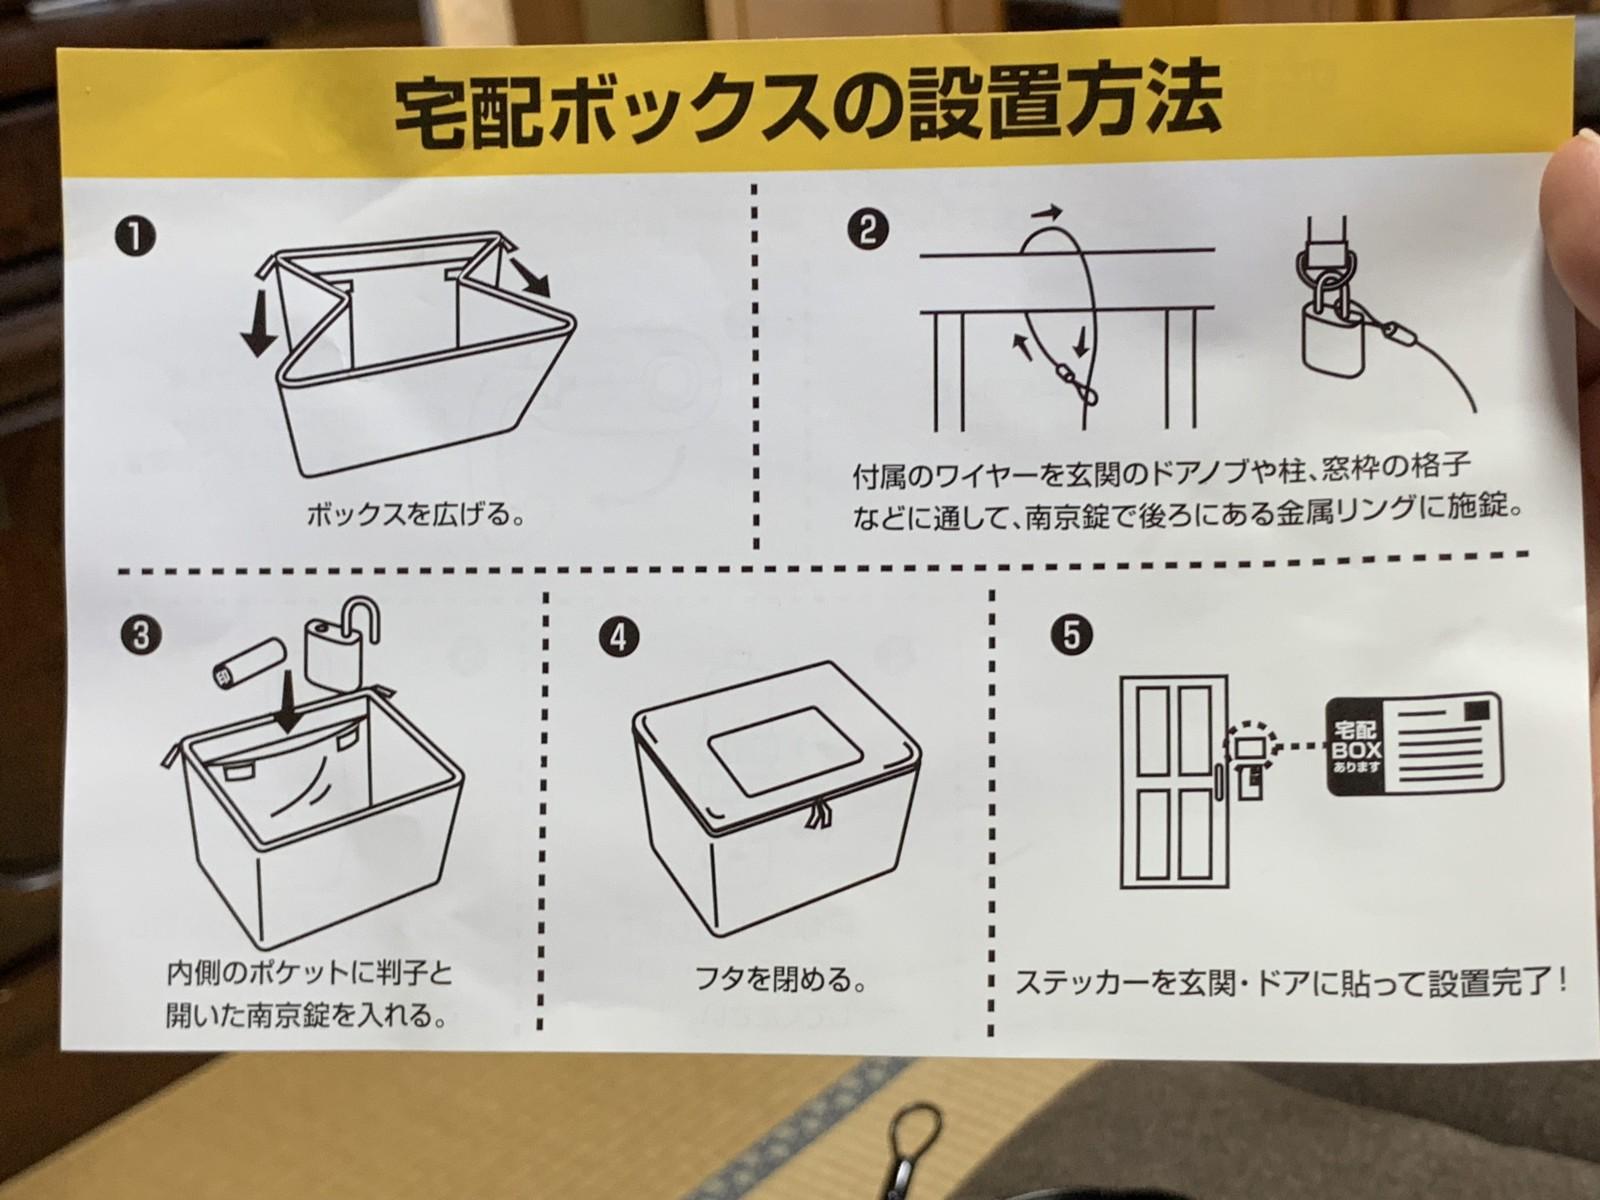 ボックス 使い方 宅配